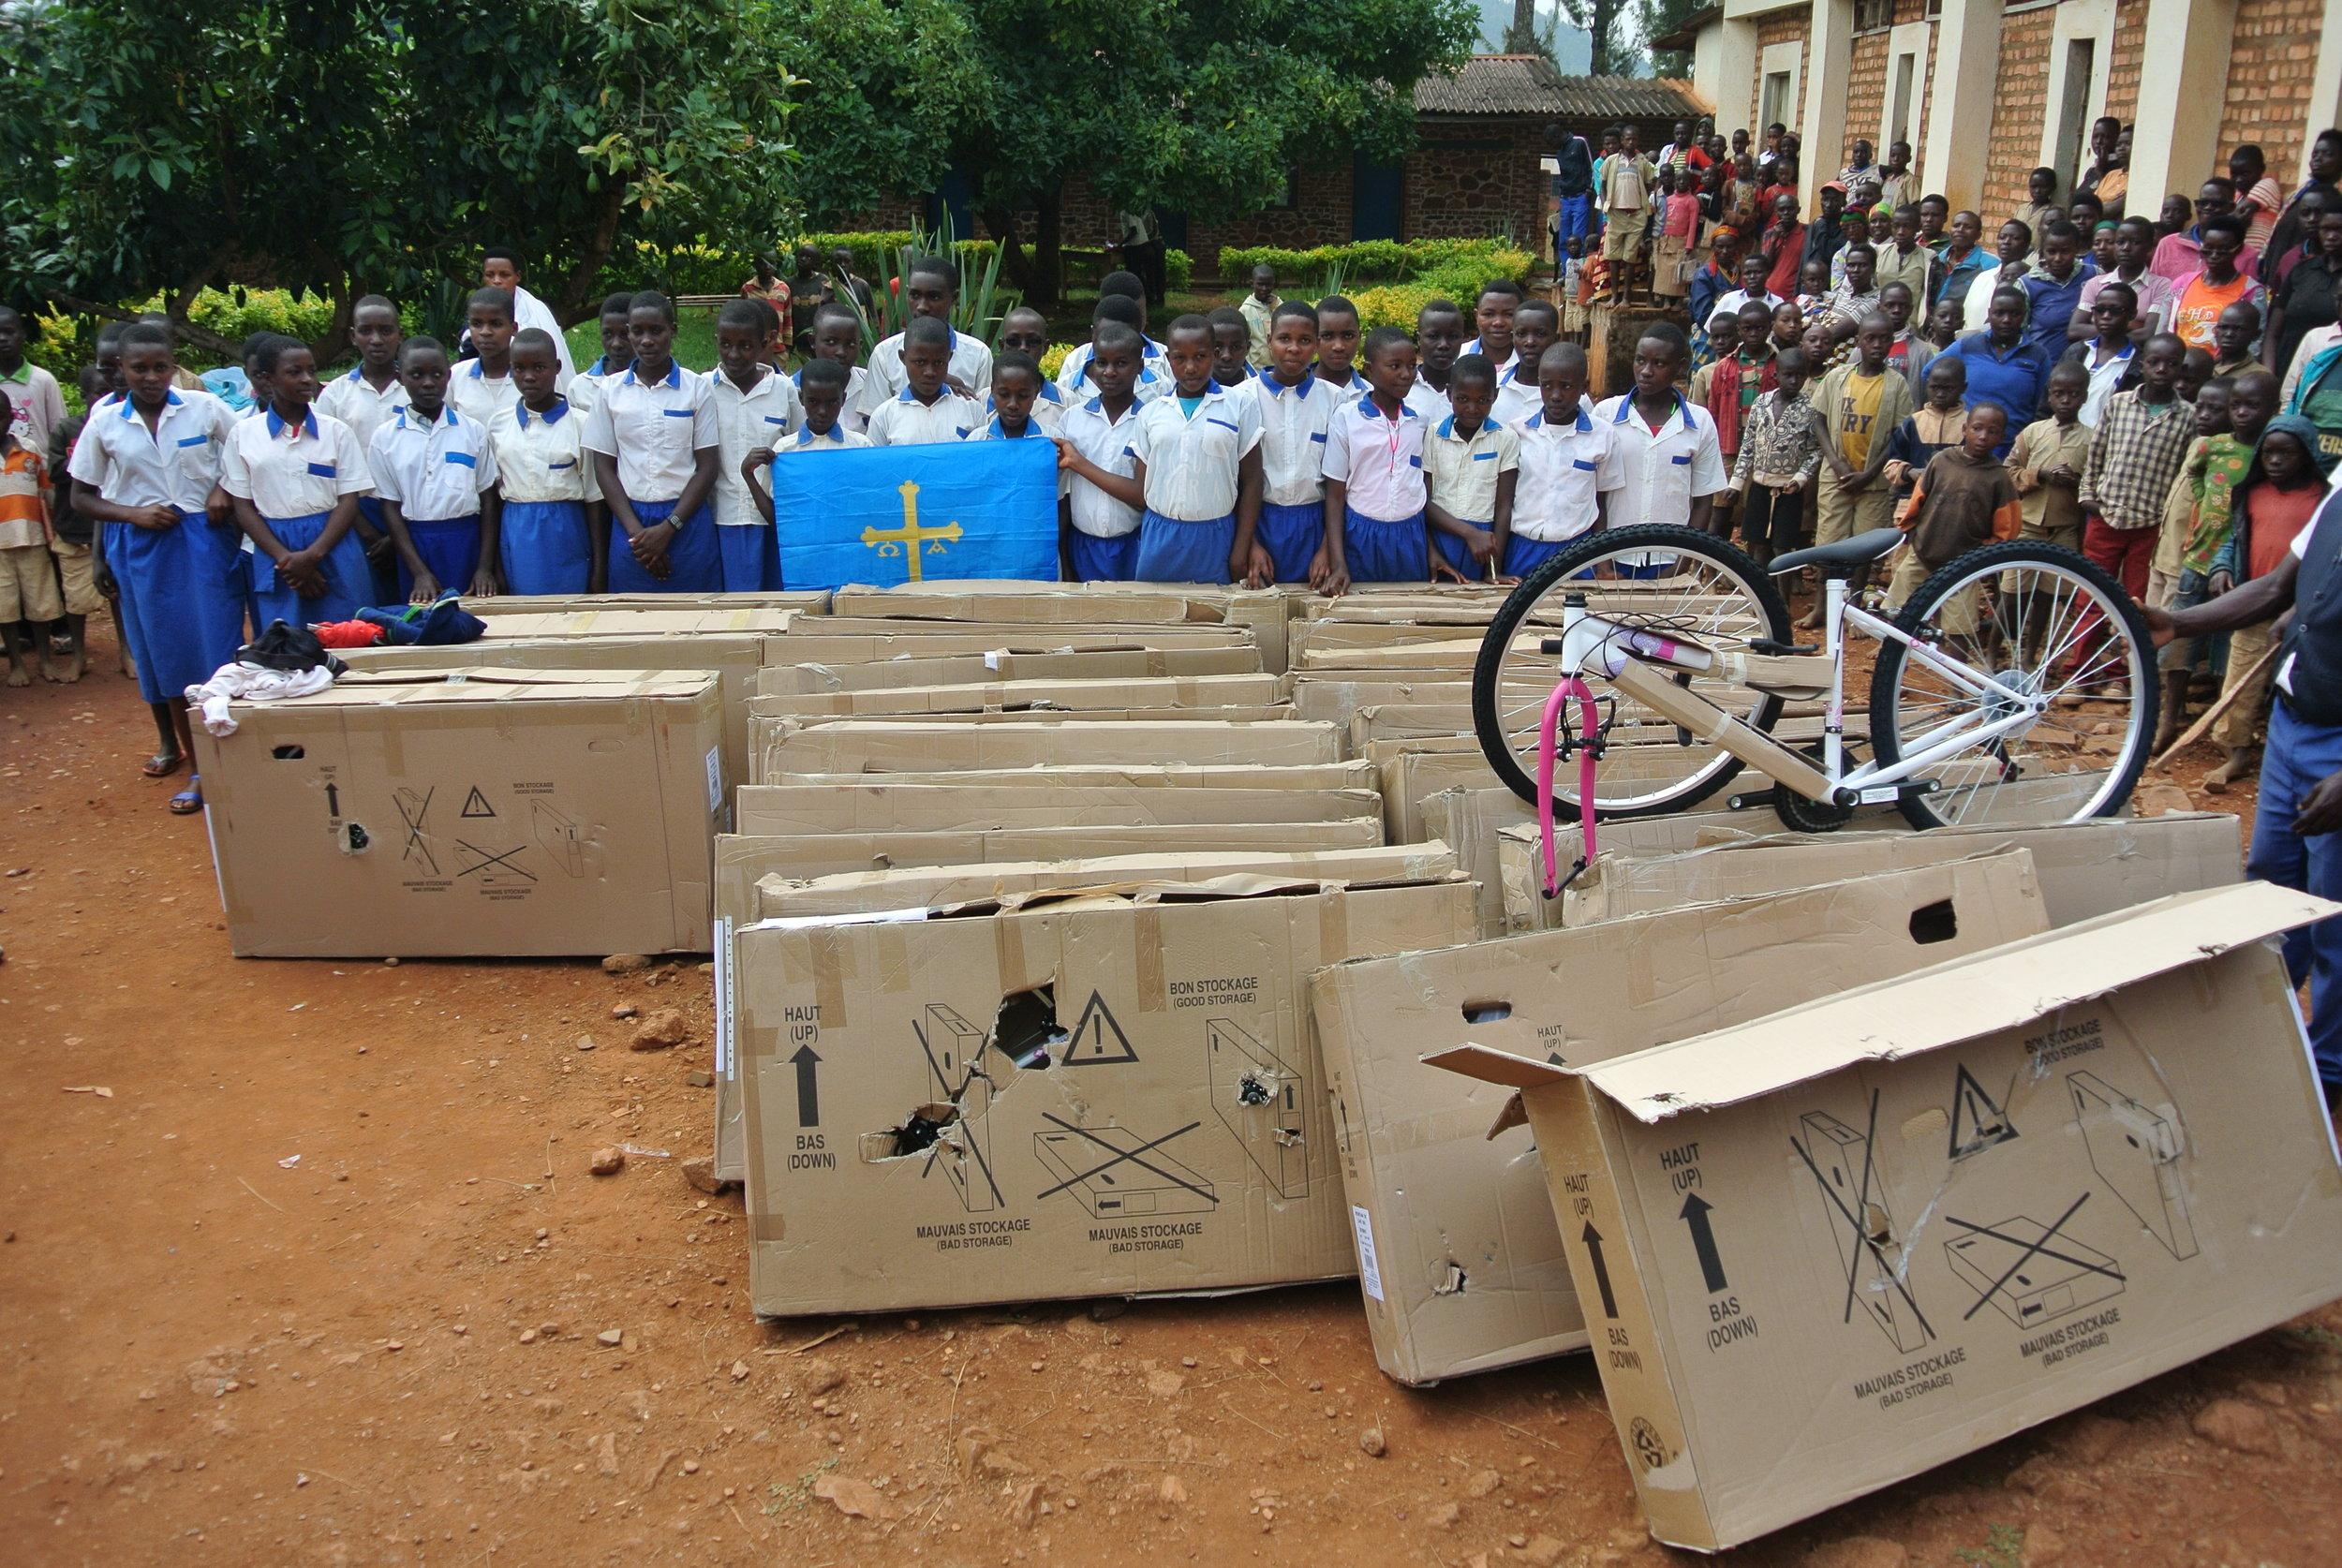 Las 34 niñas de la escuela de Ntita en el momento de recibir las bicicletas nuevas.JPG